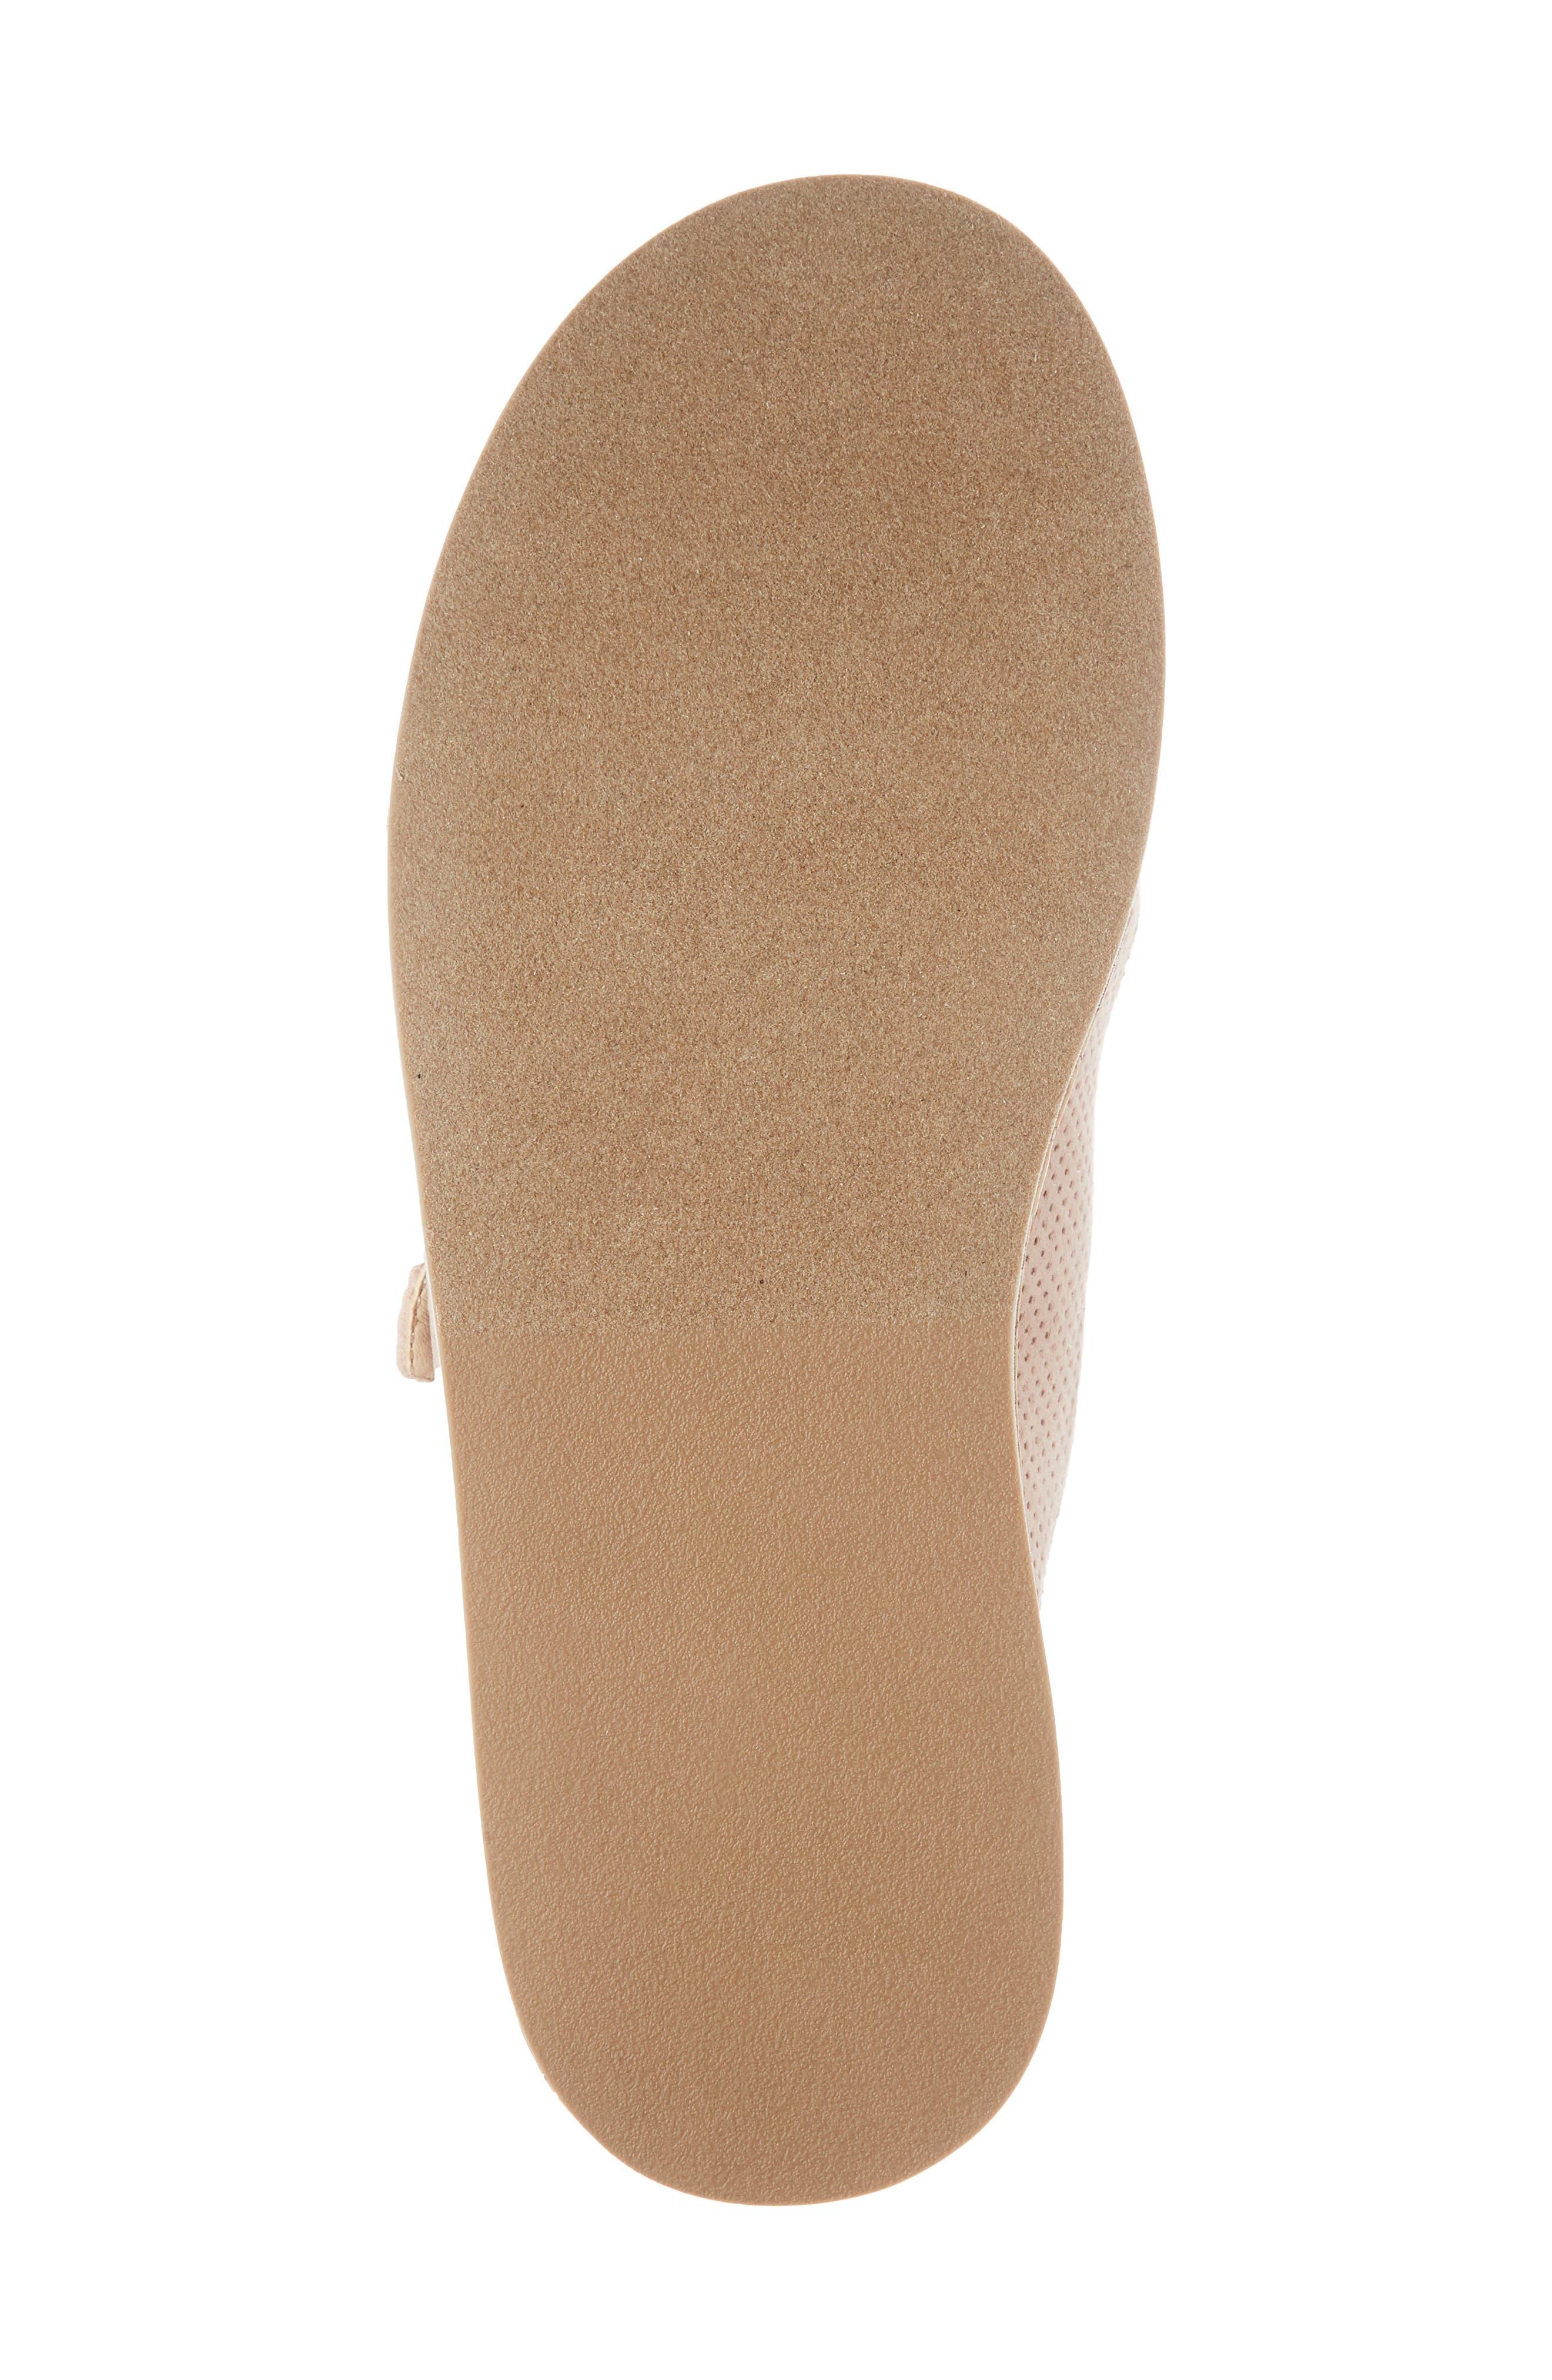 Jordan Two-Buckle Slide Sandal,                             Alternate thumbnail 35, color,